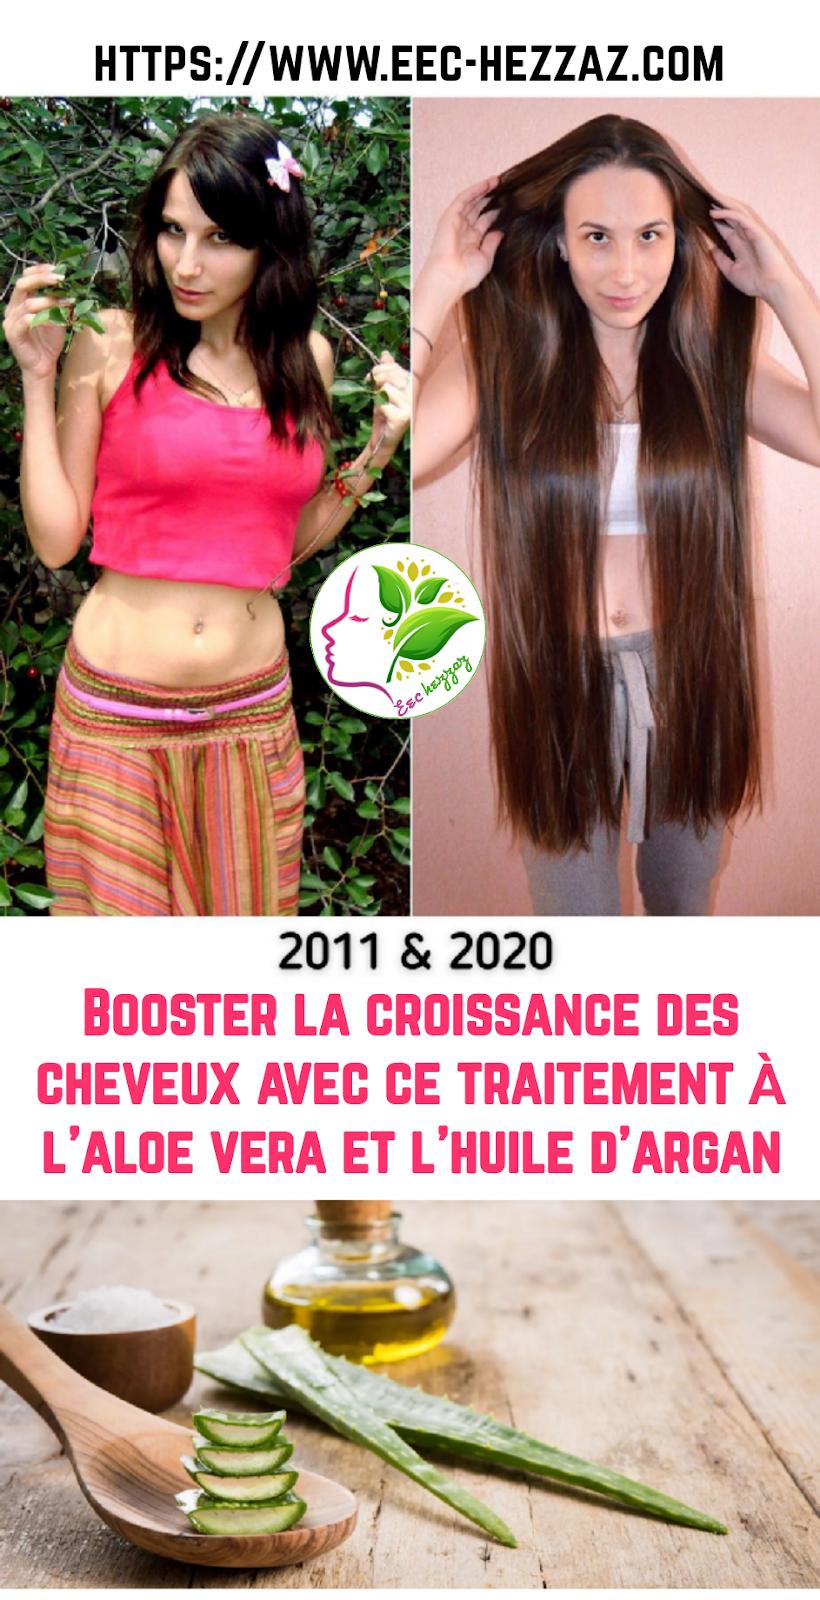 Booster la croissance des cheveux avec ce traitement à l'aloe vera et l'huile d'argan